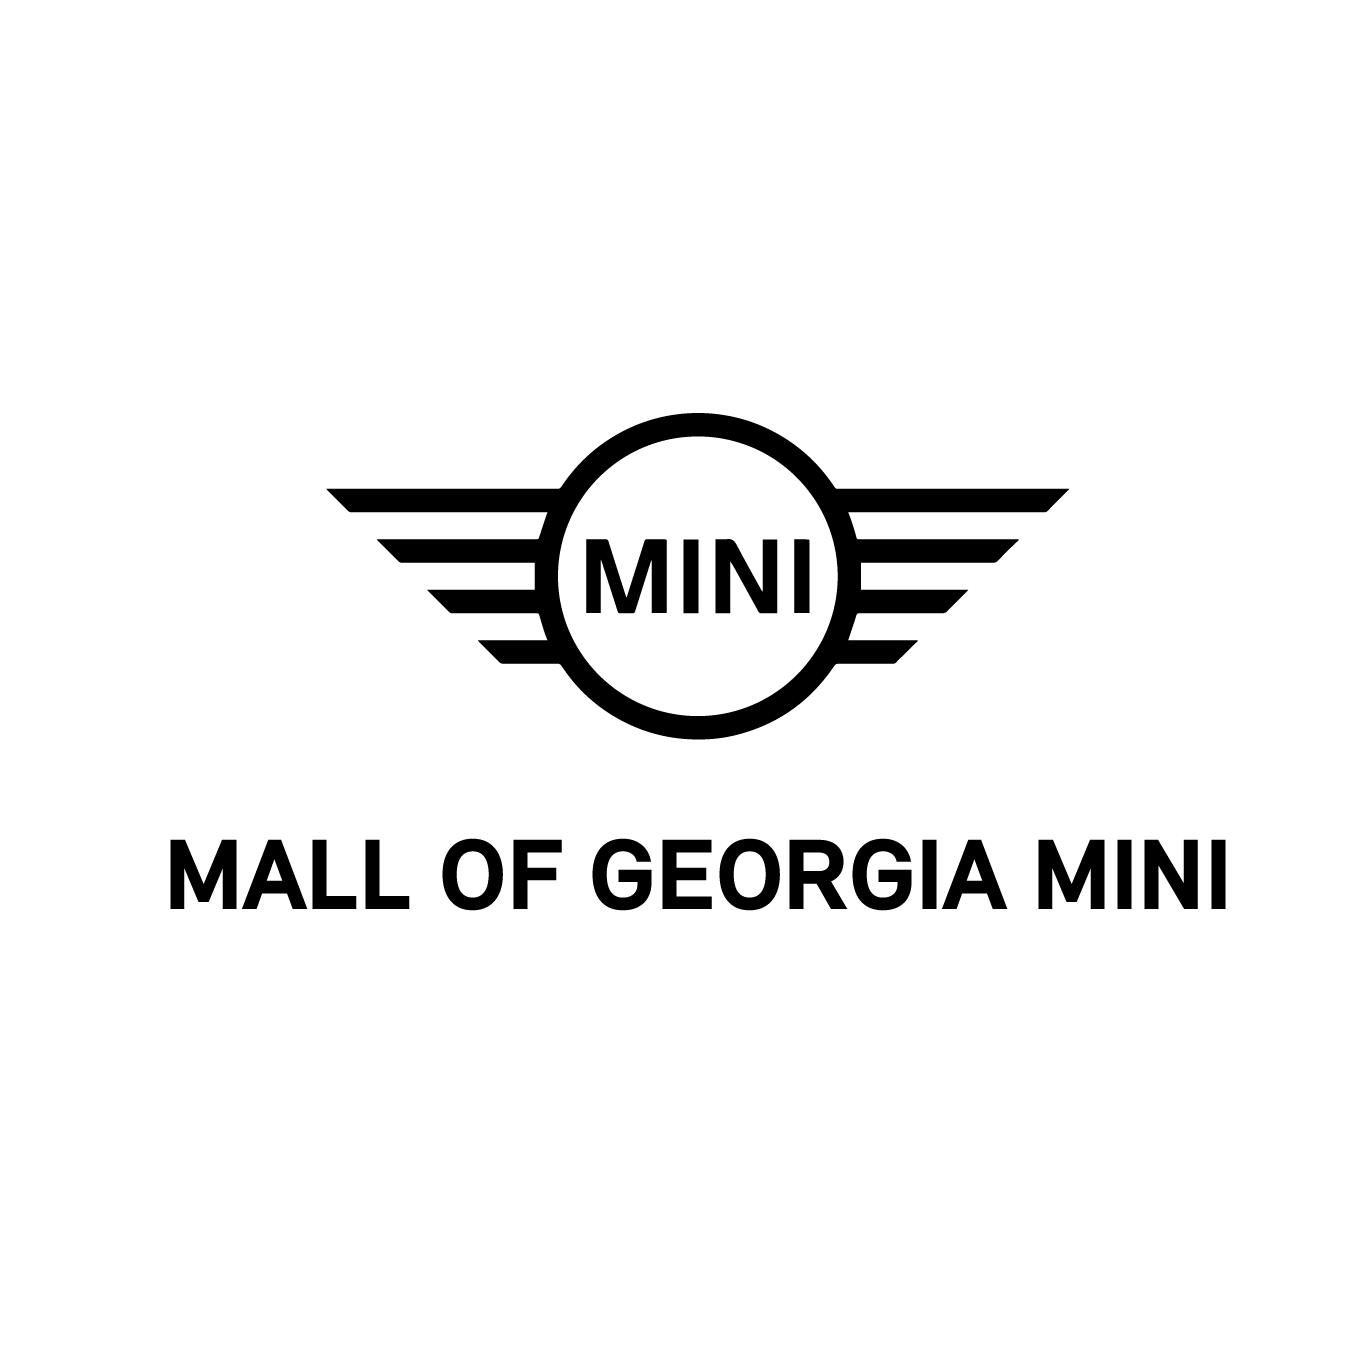 Mall of Georgia MINI - Buford, GA - Auto Dealers